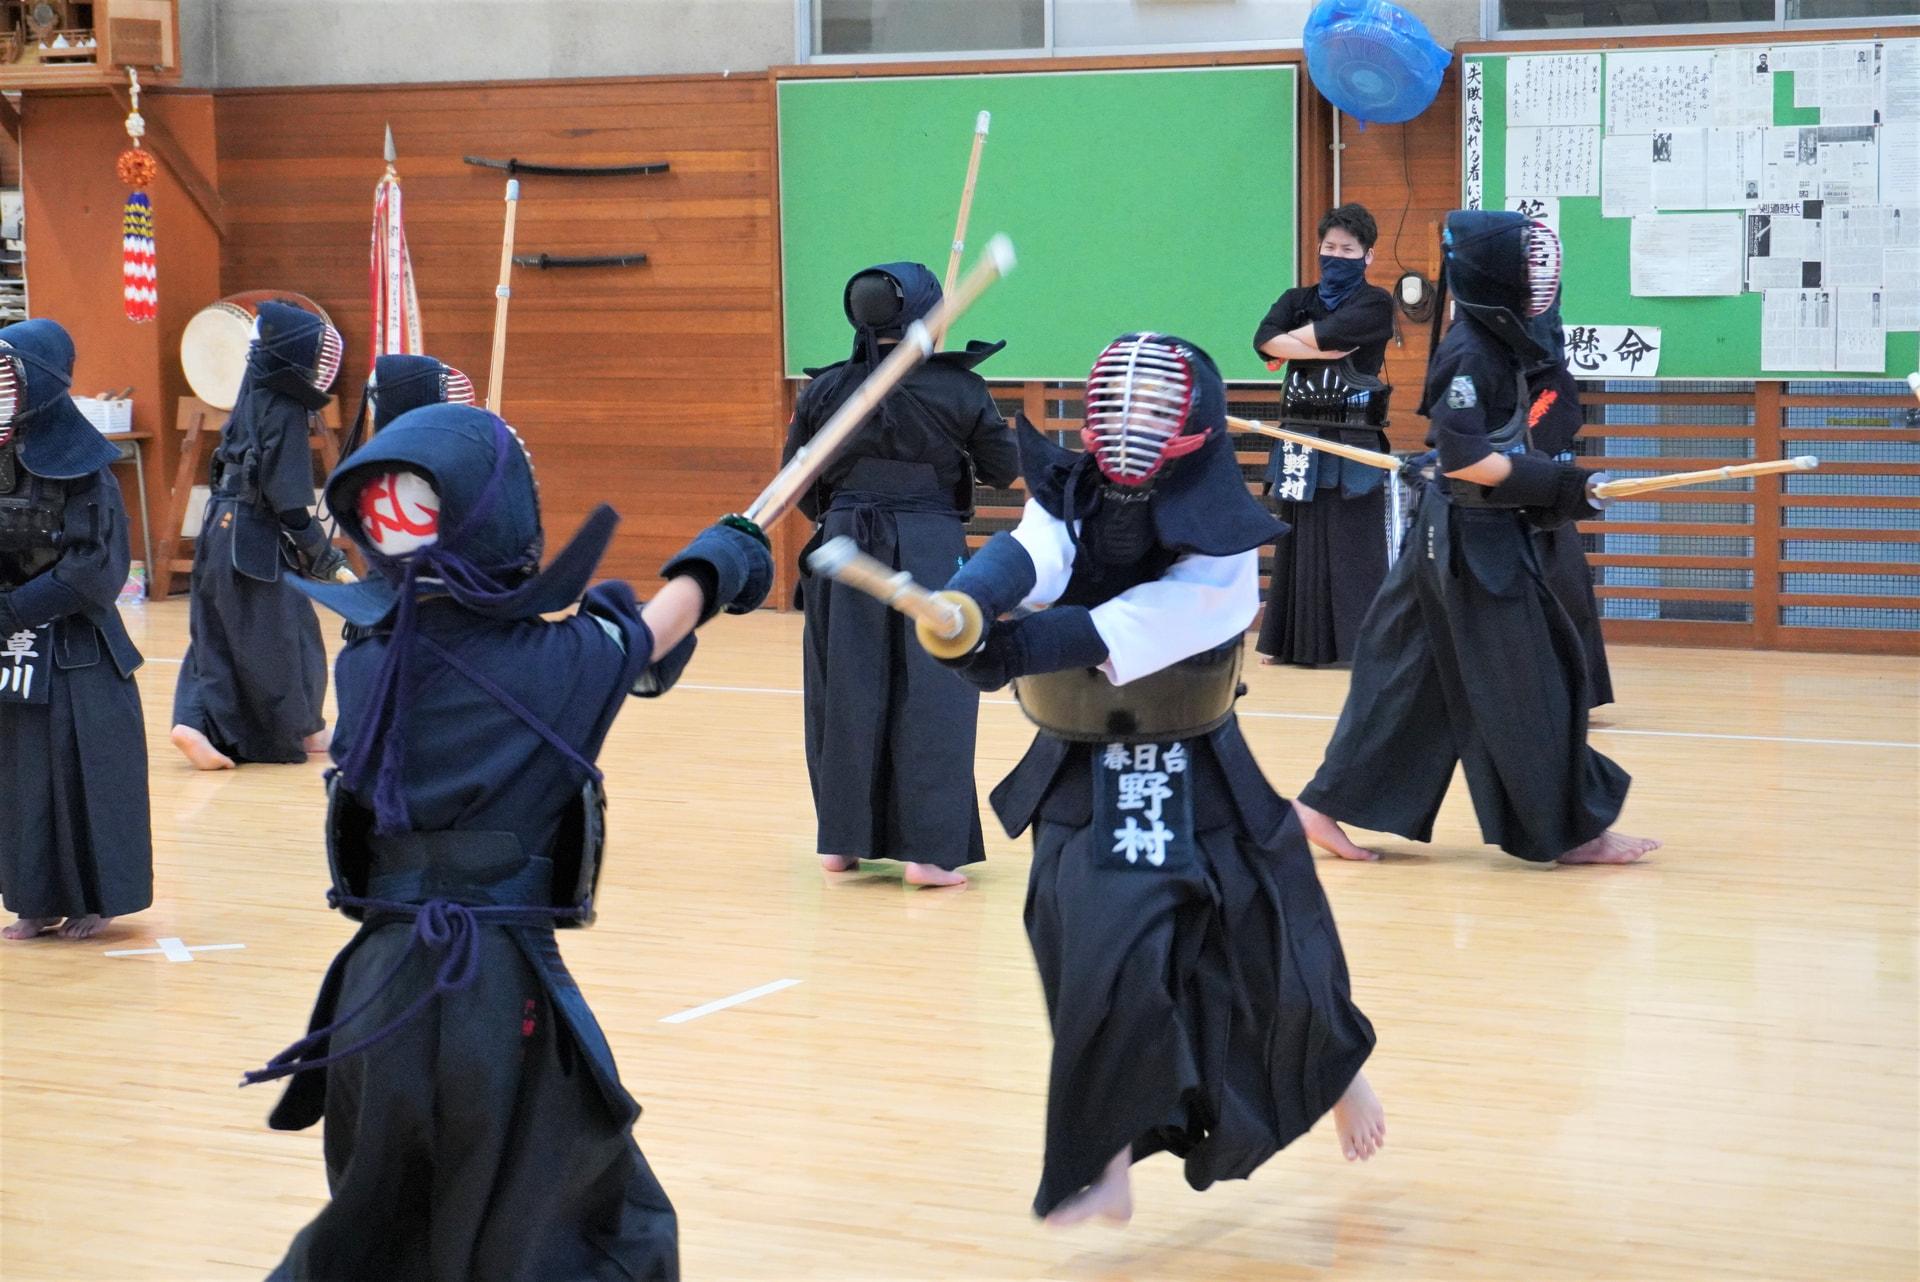 皆さま、全日本剣道選手権大会 ご覧になりましたか?